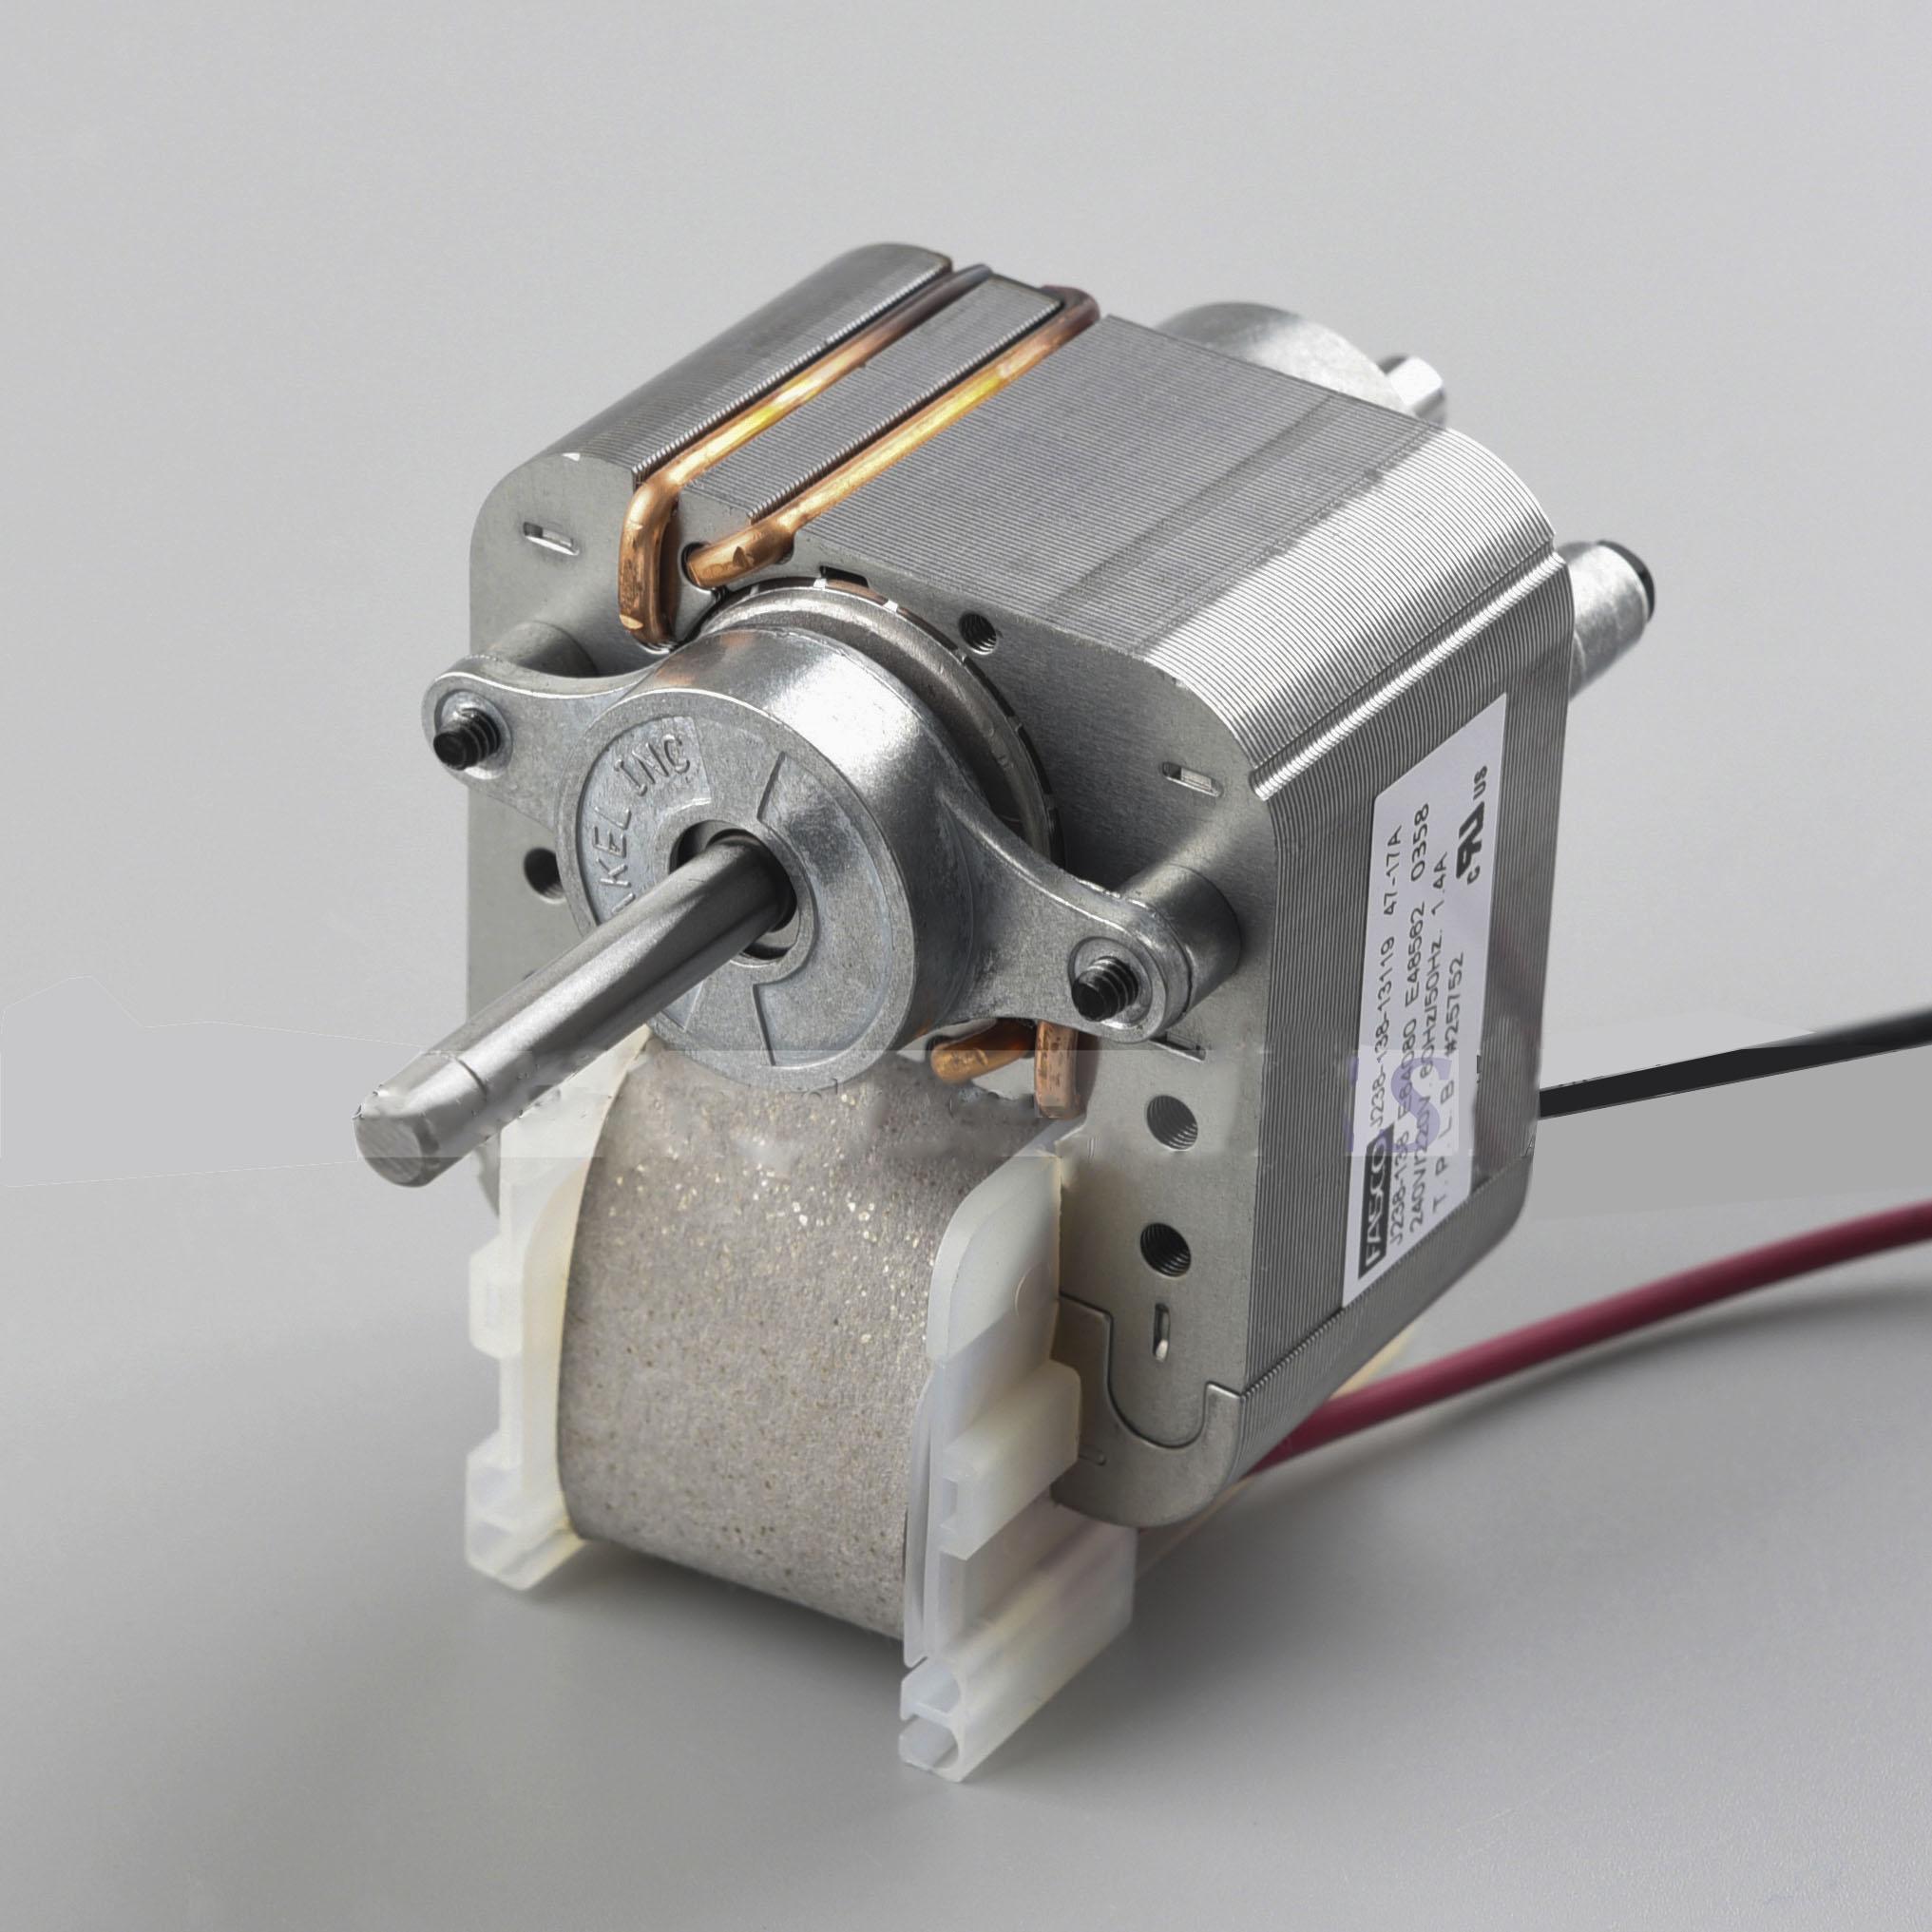 De Metal de congelador vertical refrigerador Frige Motor de ventilador de evaporador de plata 240V 1pc